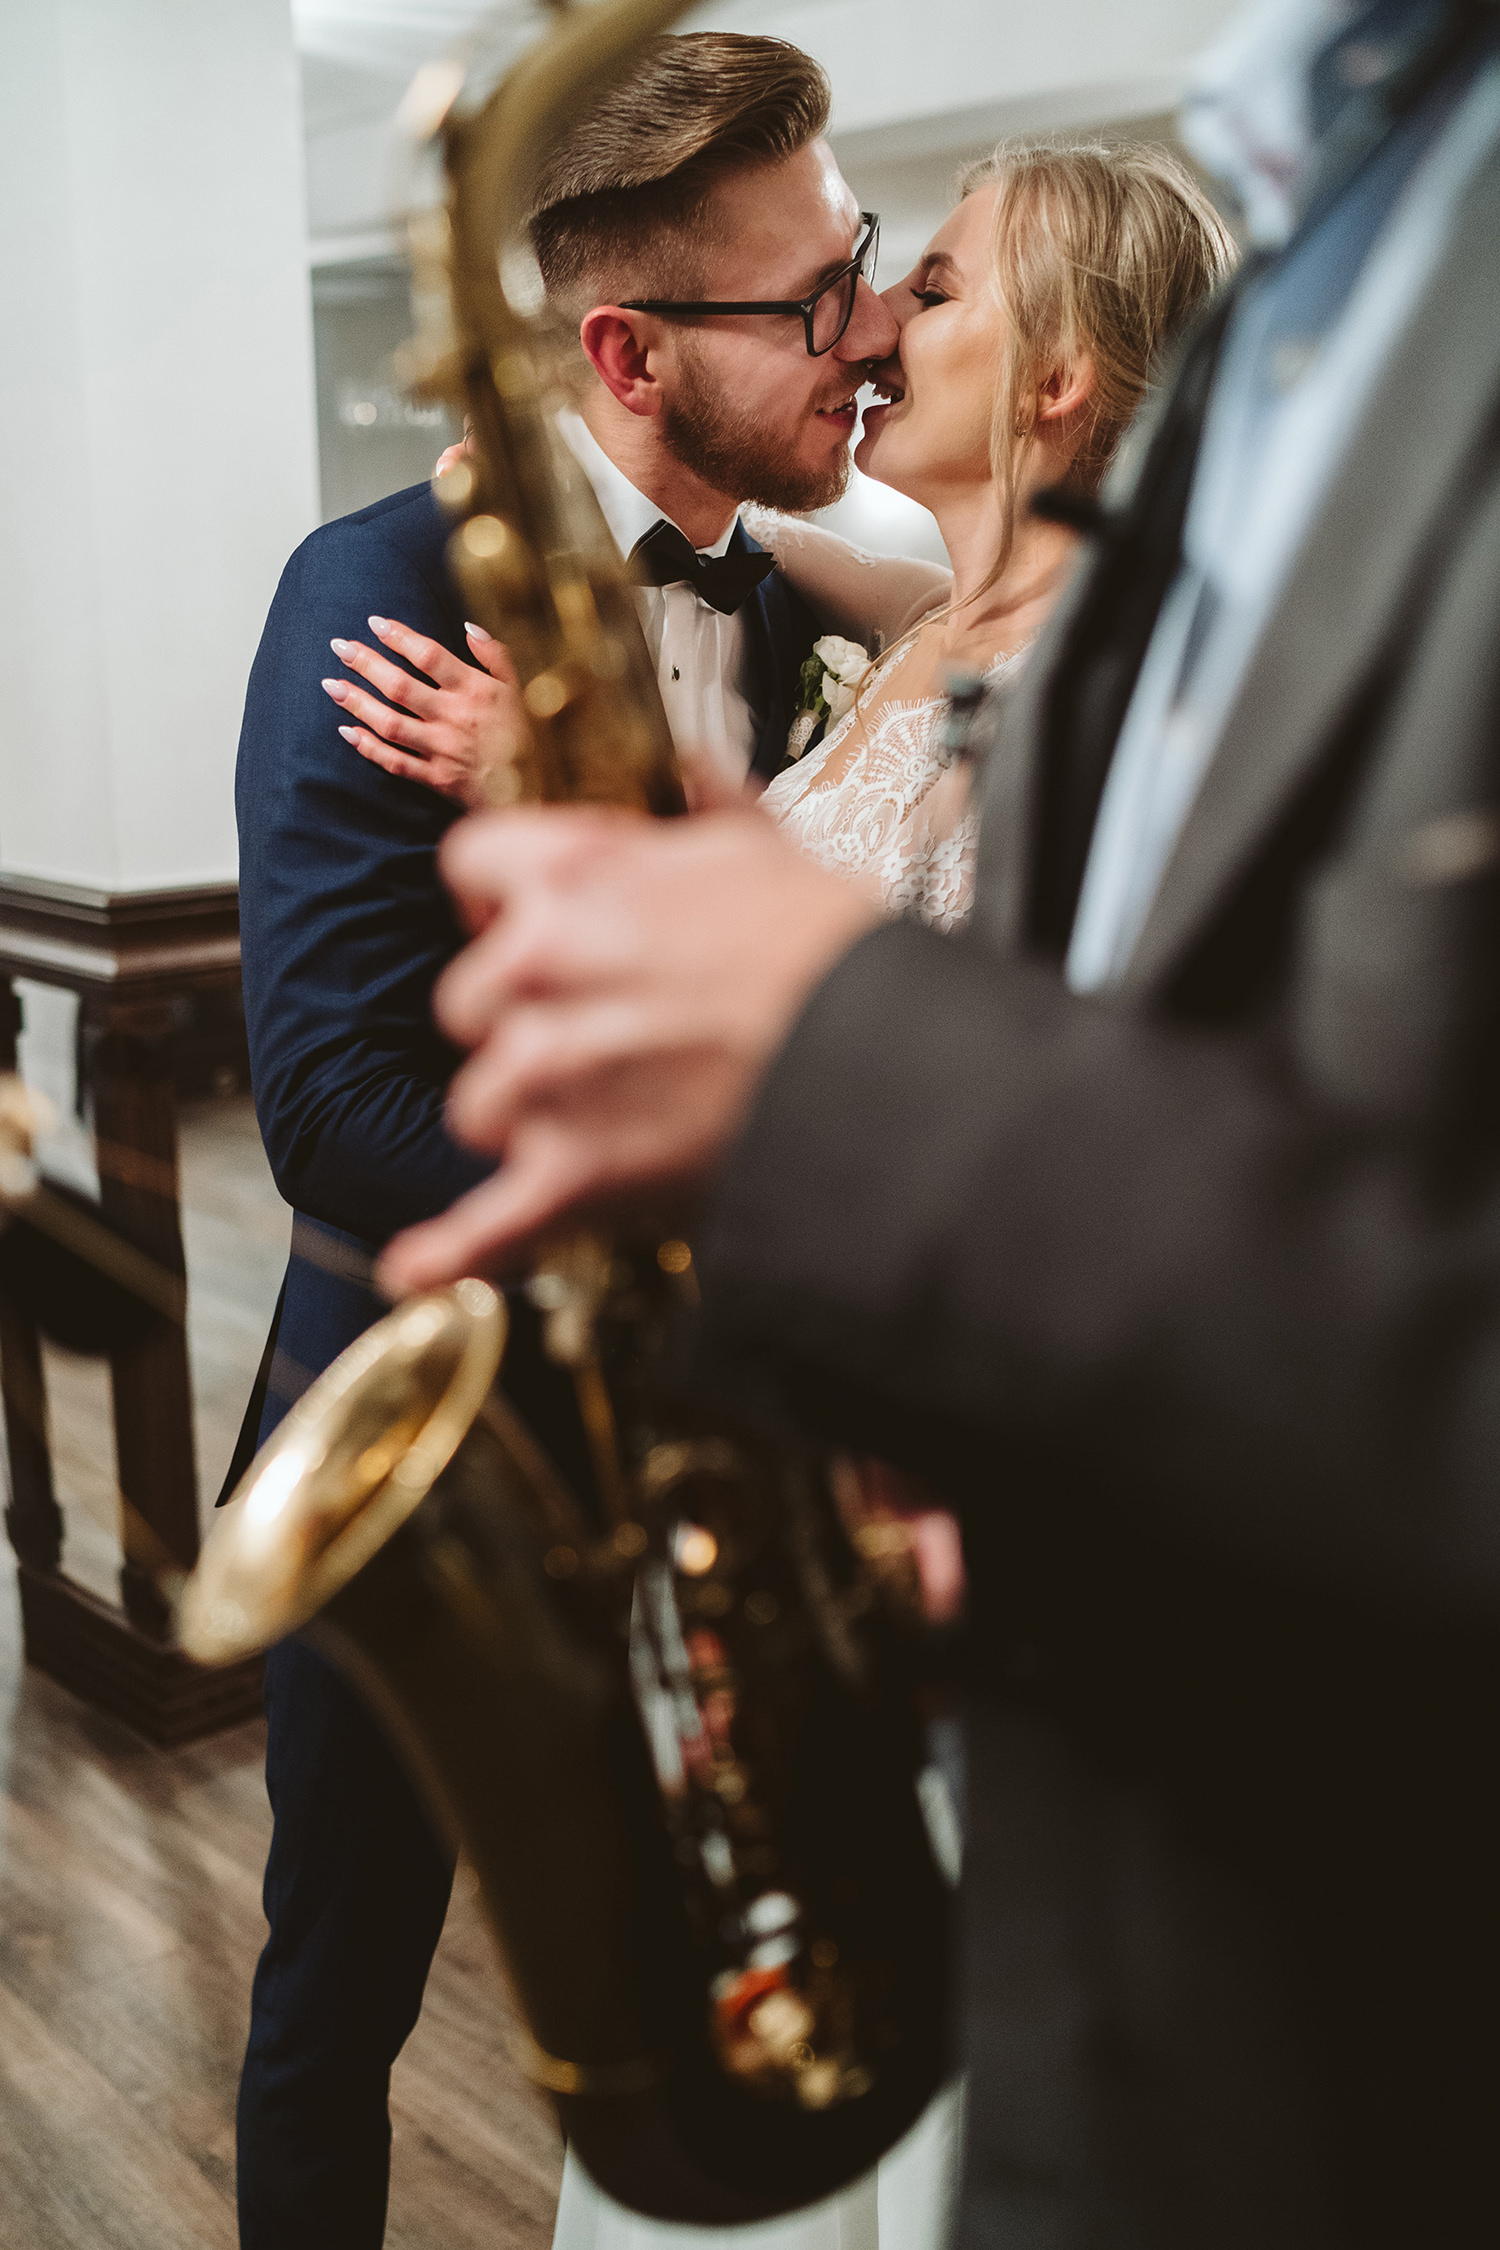 Najlepsze zdjęcia ślubne w 2018 roku 45